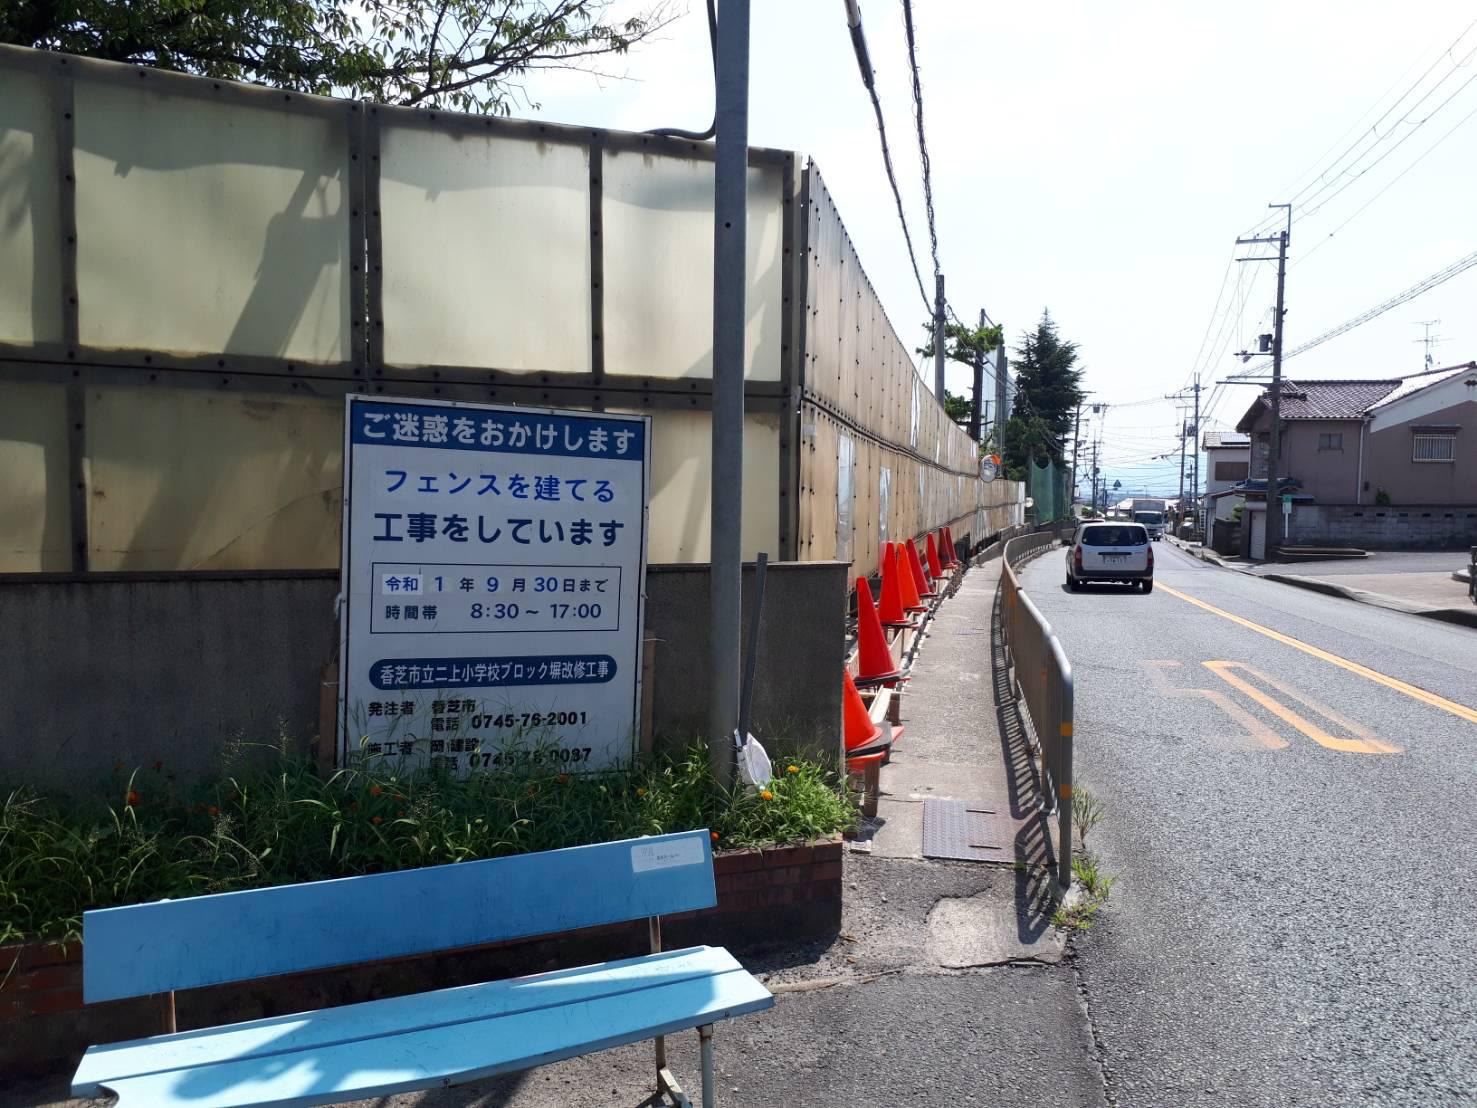 ブロック塀改修工事・現地確認@香芝市立二上小学校